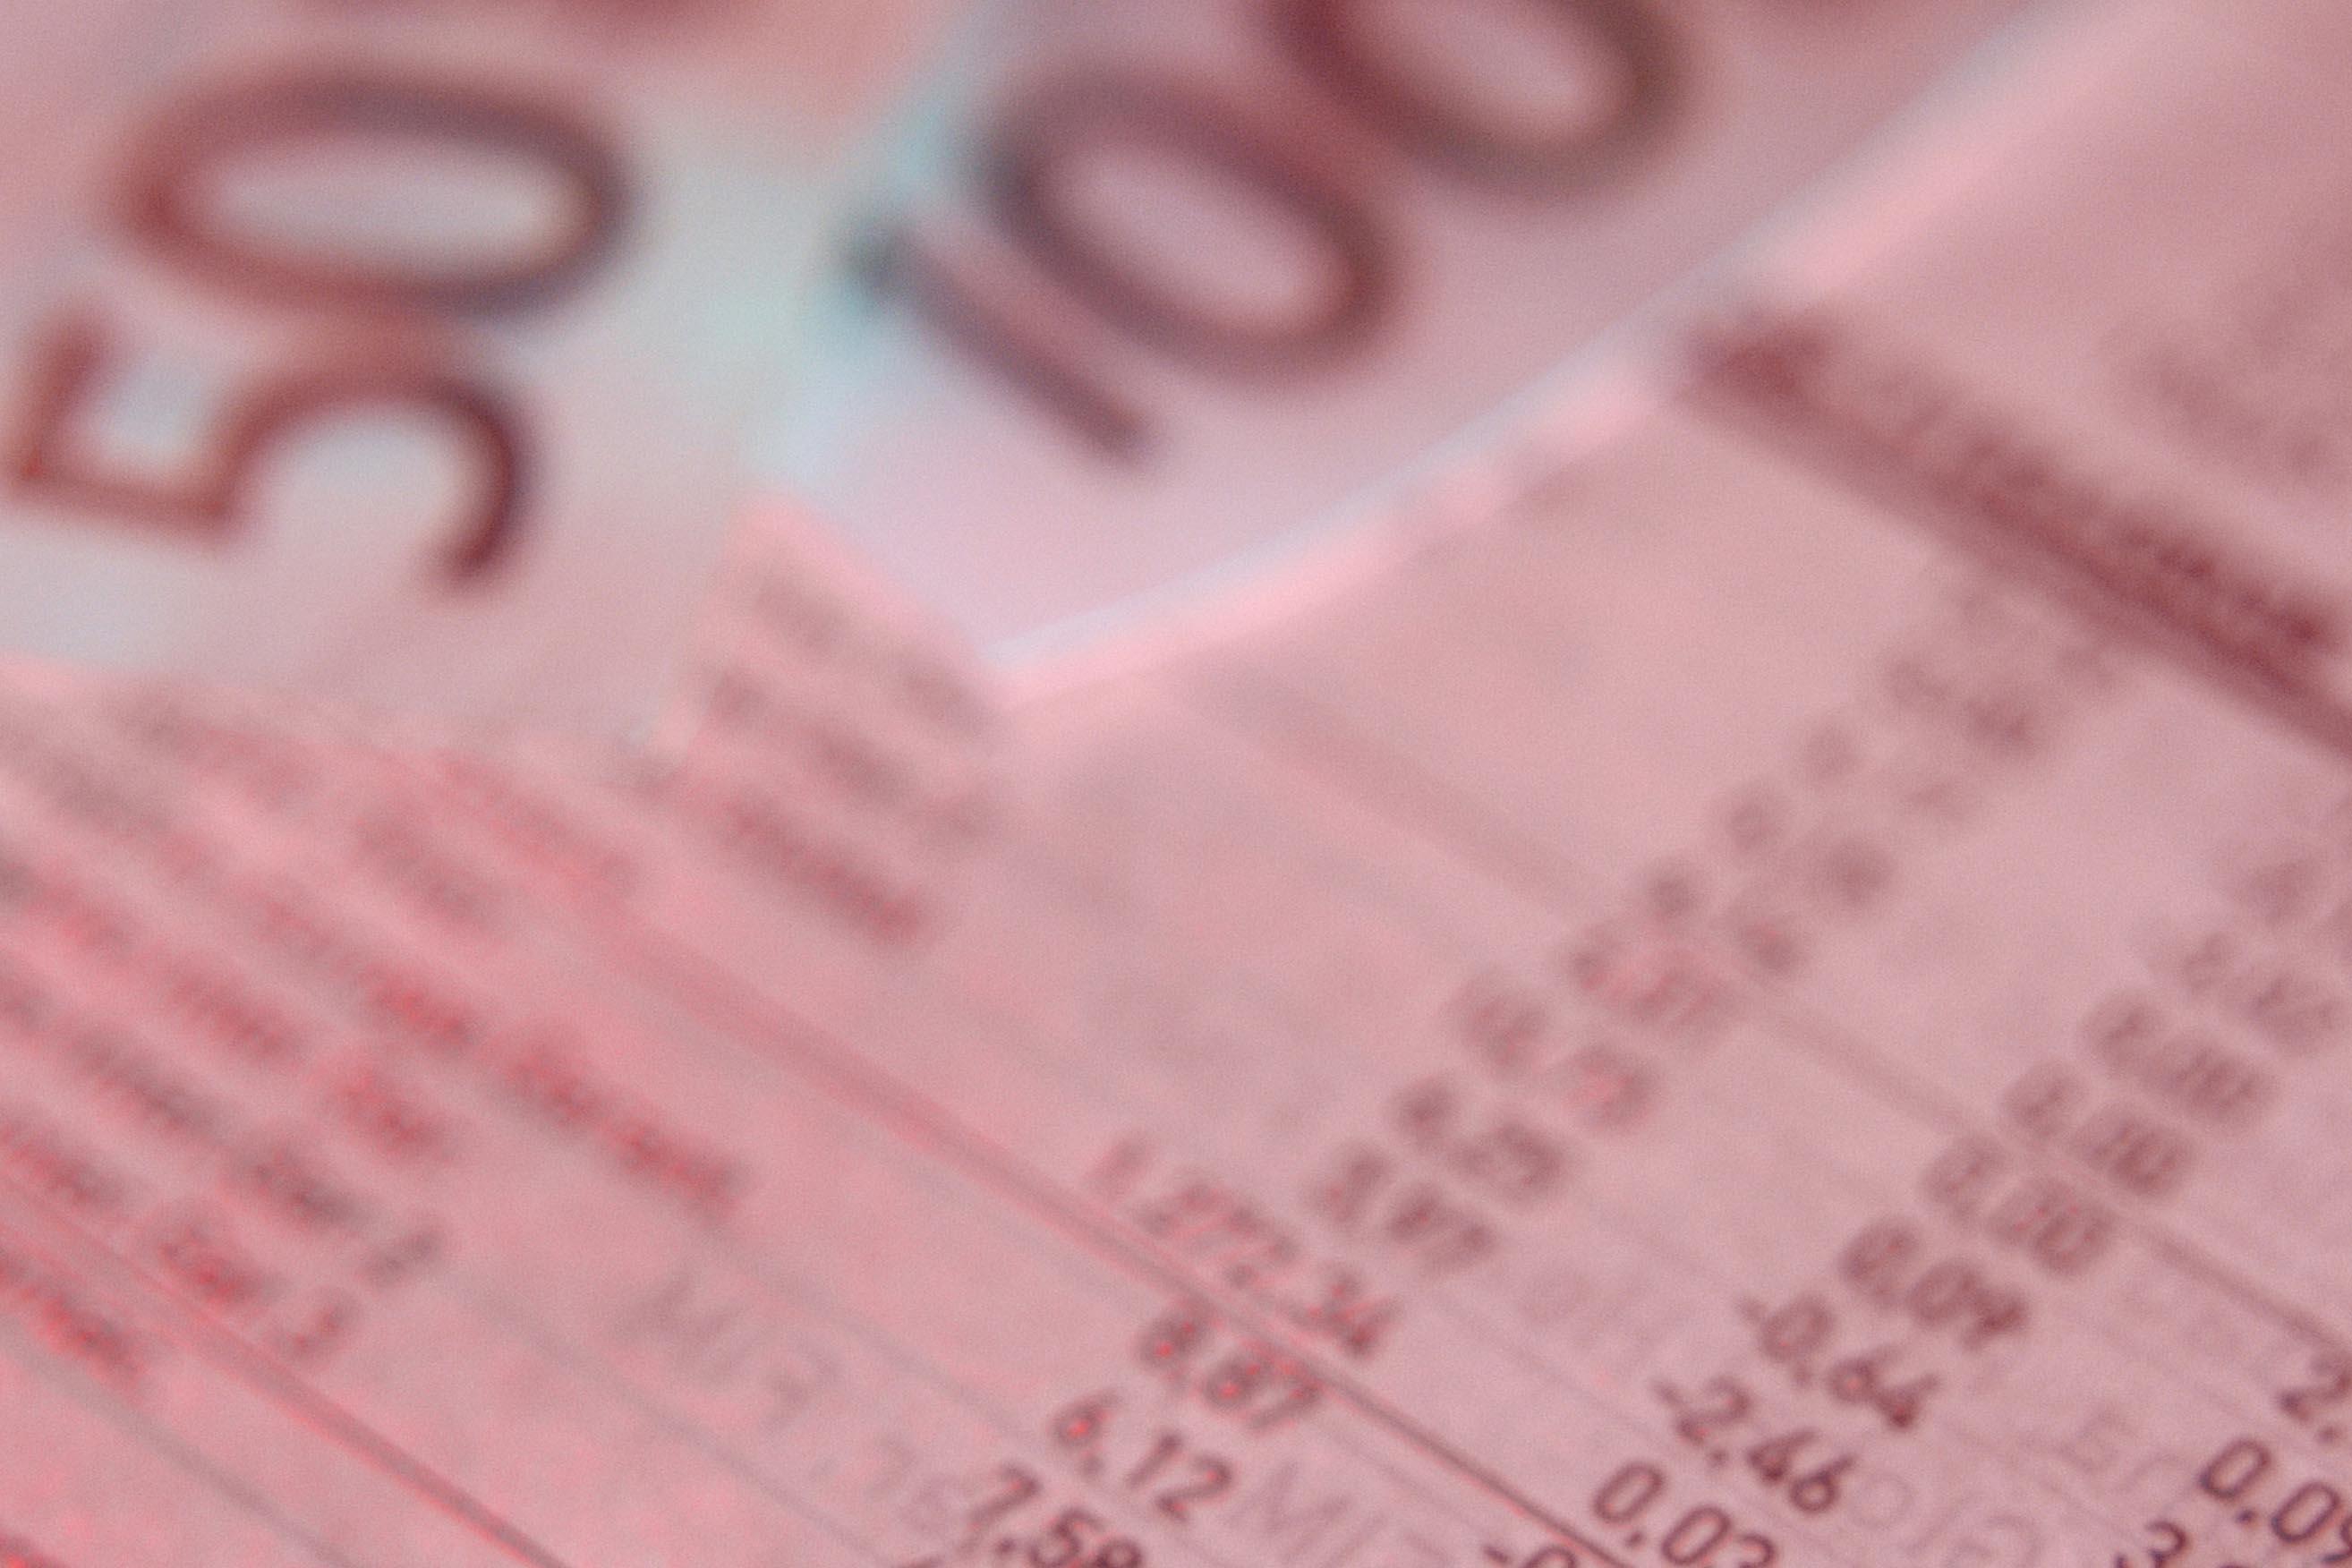 Banco Central prorroga alíquota menor para compulsório de bancos